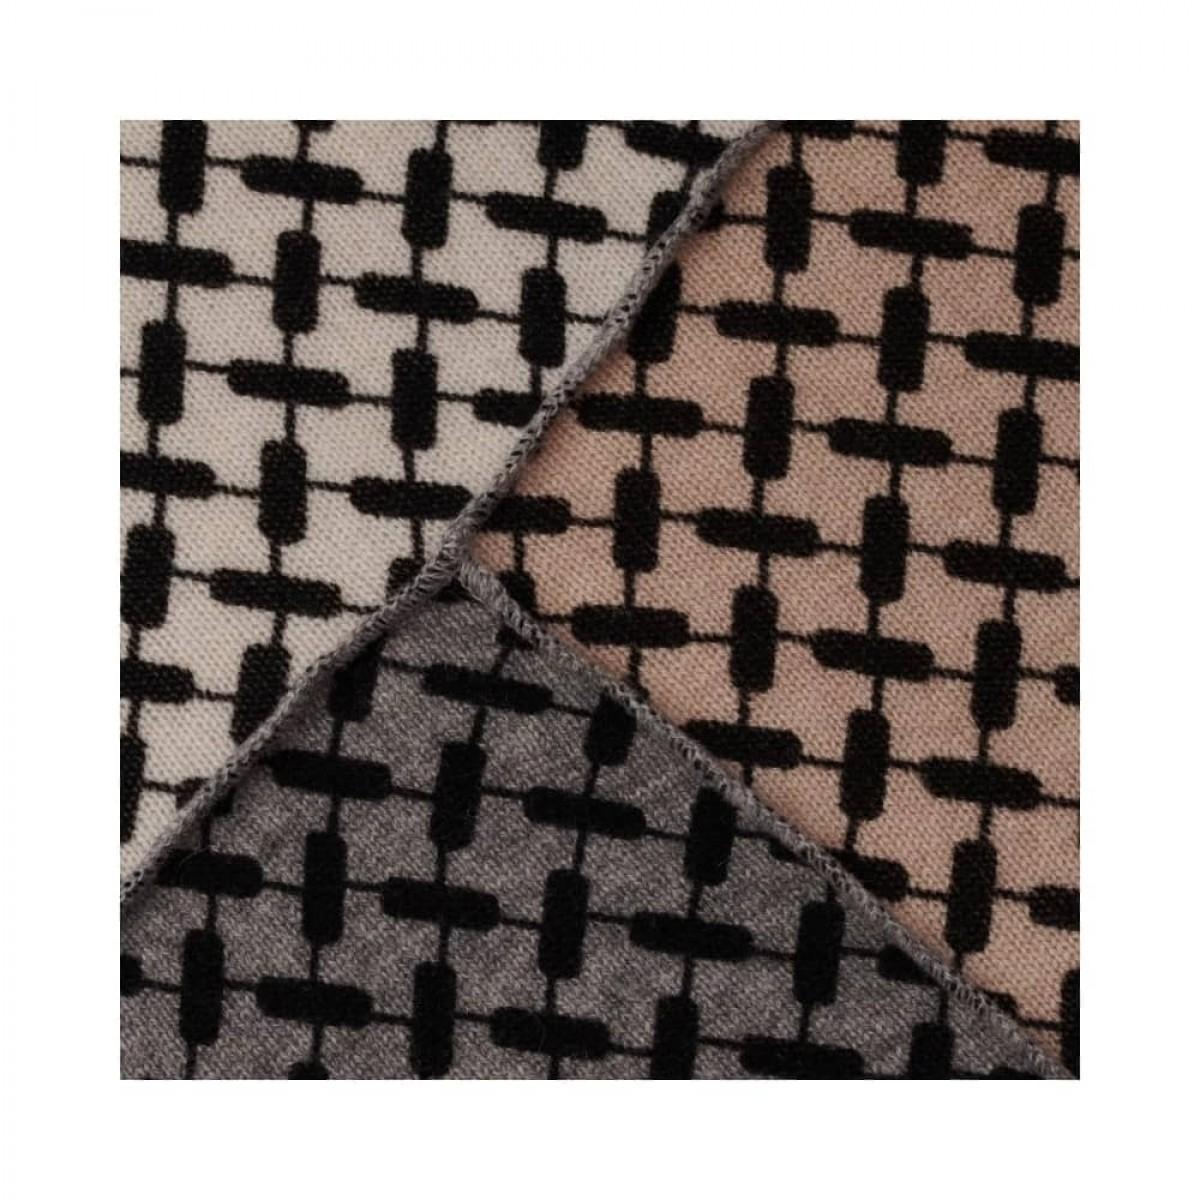 triangle trinity patchwork m - city - patchwork